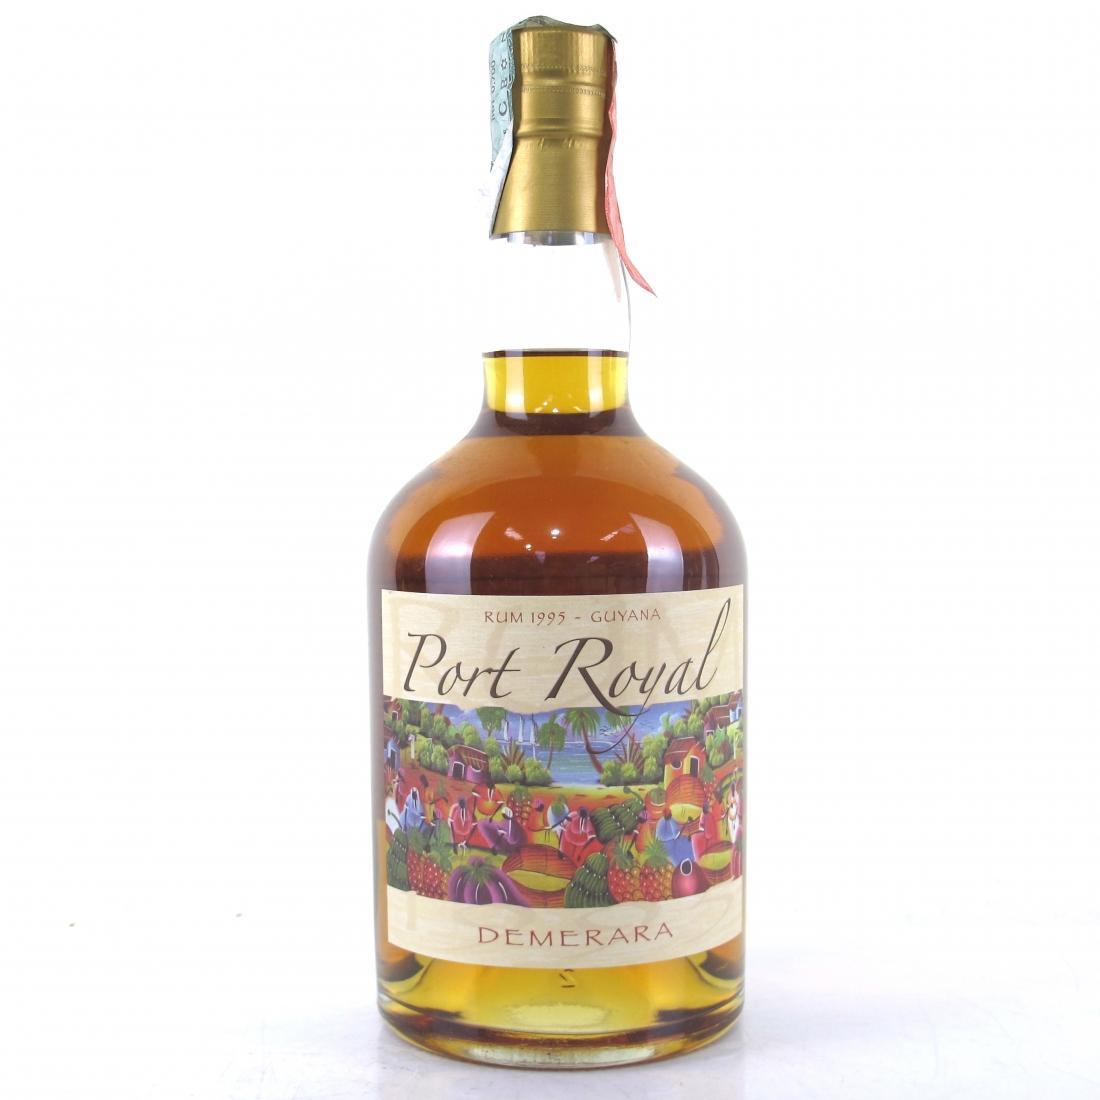 Port Royal 1995 Guyanan Rum